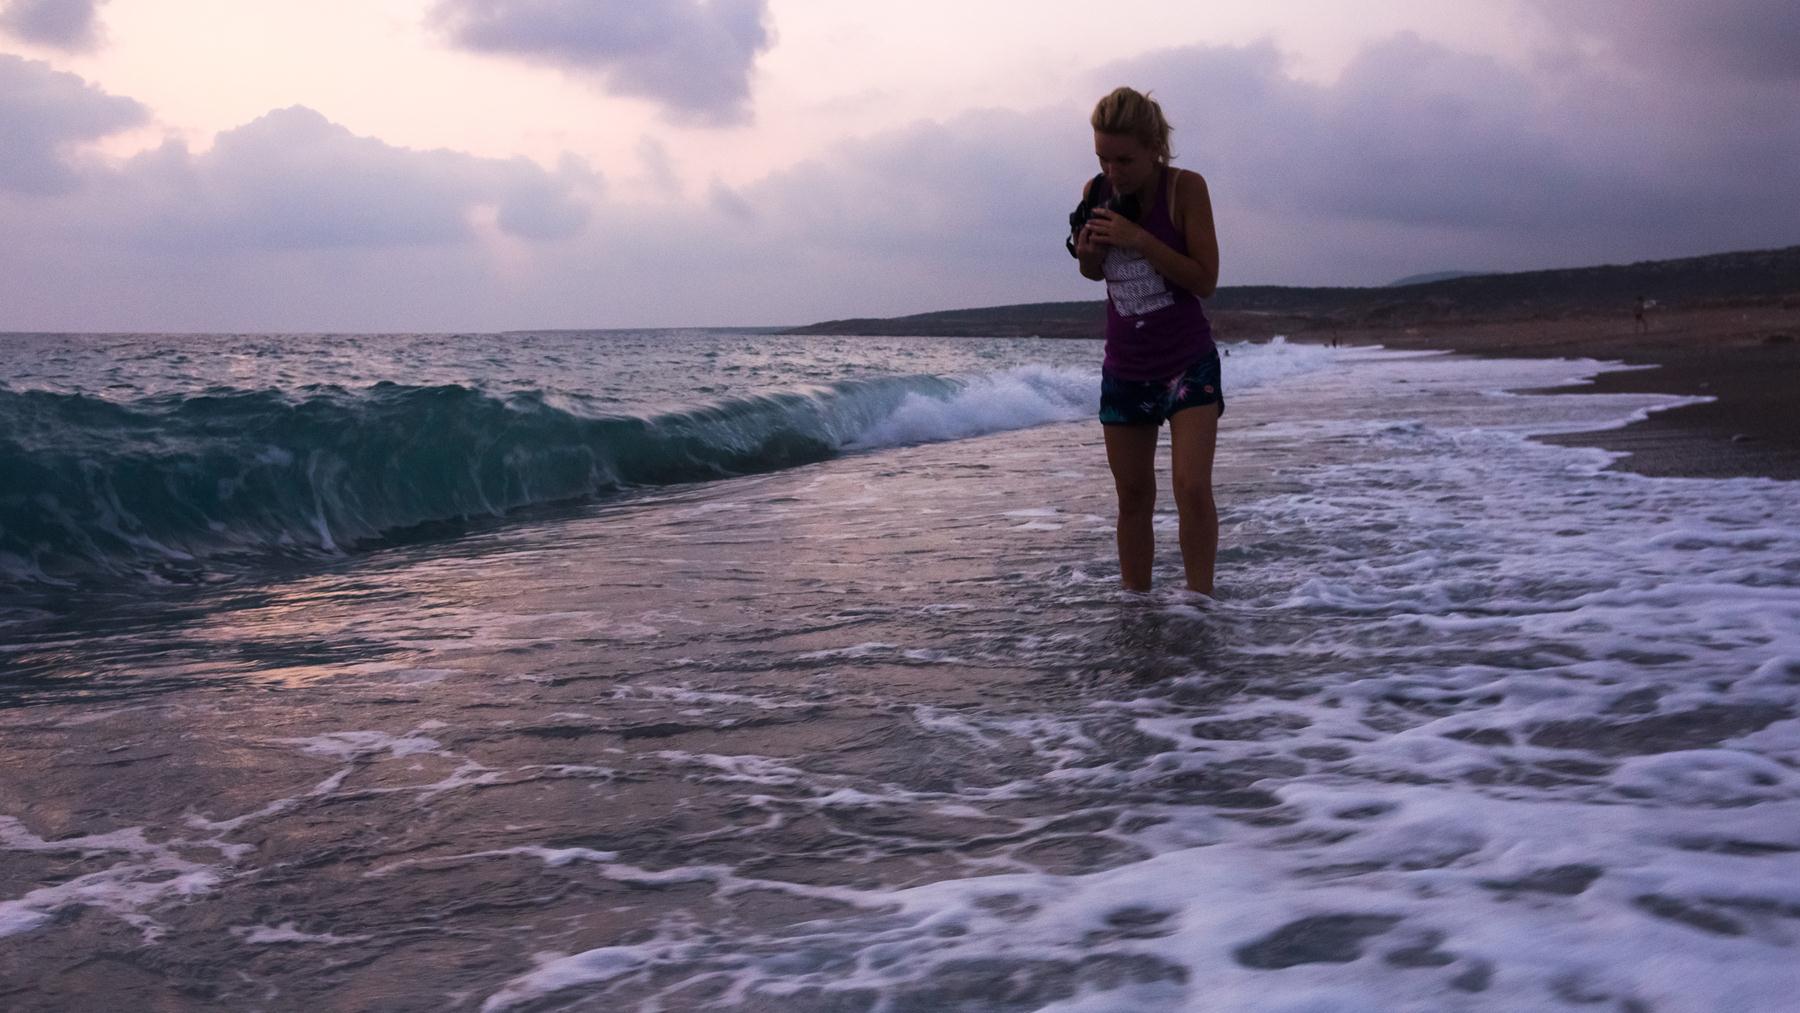 Итог - мокрая спина и шорты, фотоаппарат с каплями воды